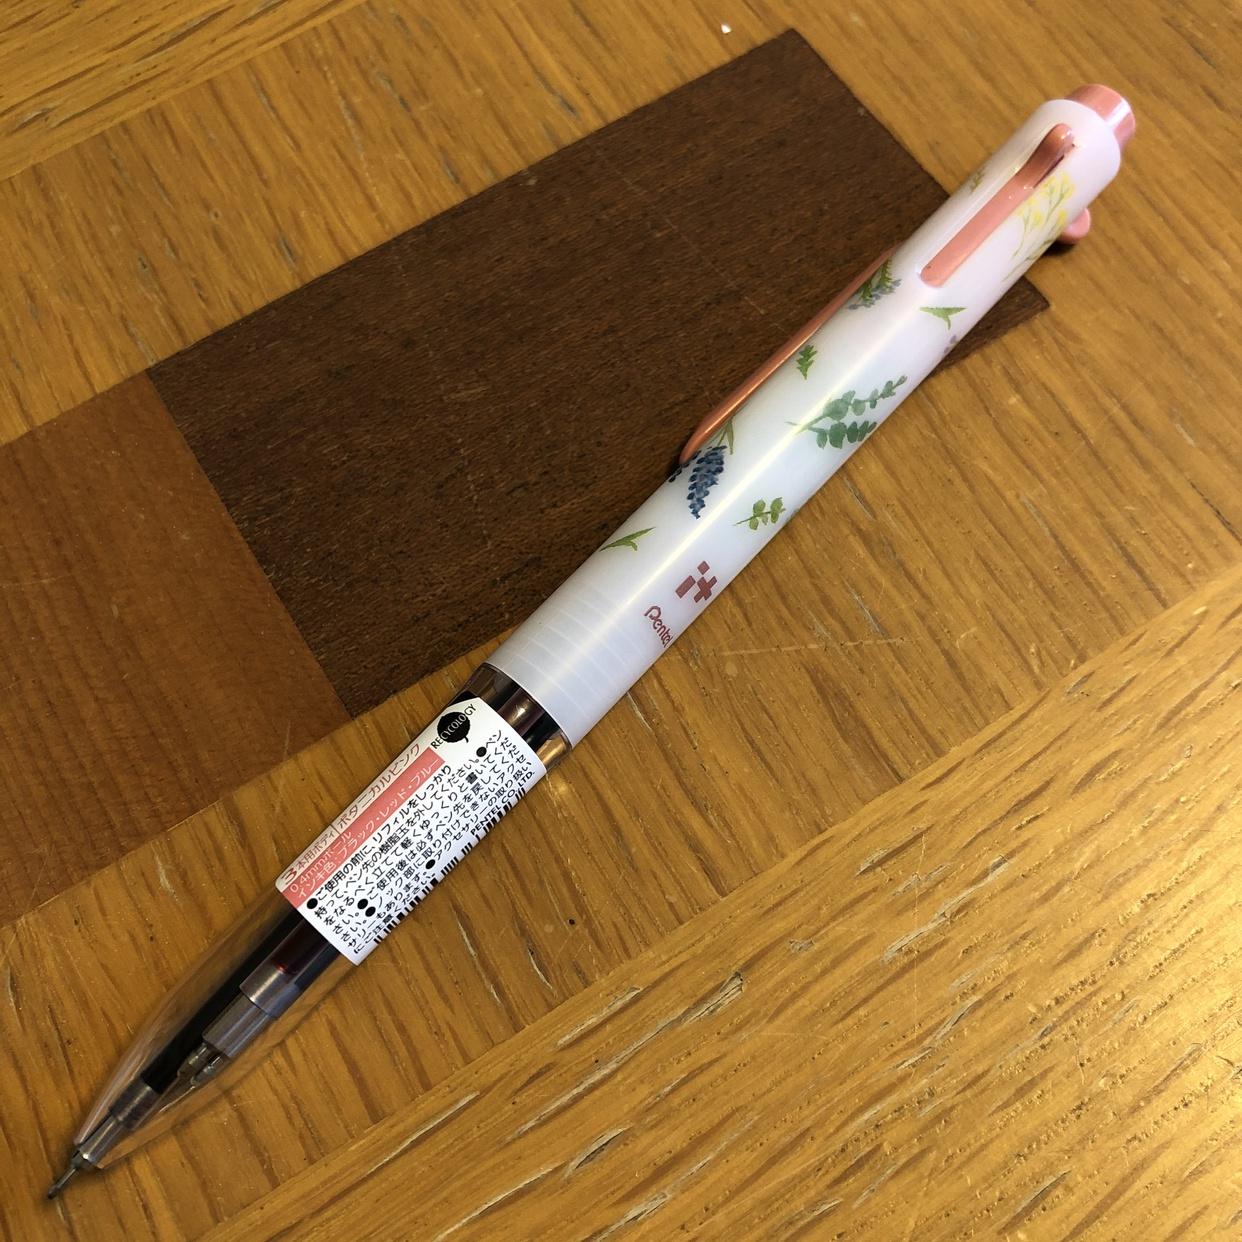 Pentel(ペンテル) 限定 ボタニカルコーデ アイプラスの良い点・メリットに関するhappy☆fridayさんの口コミ画像1